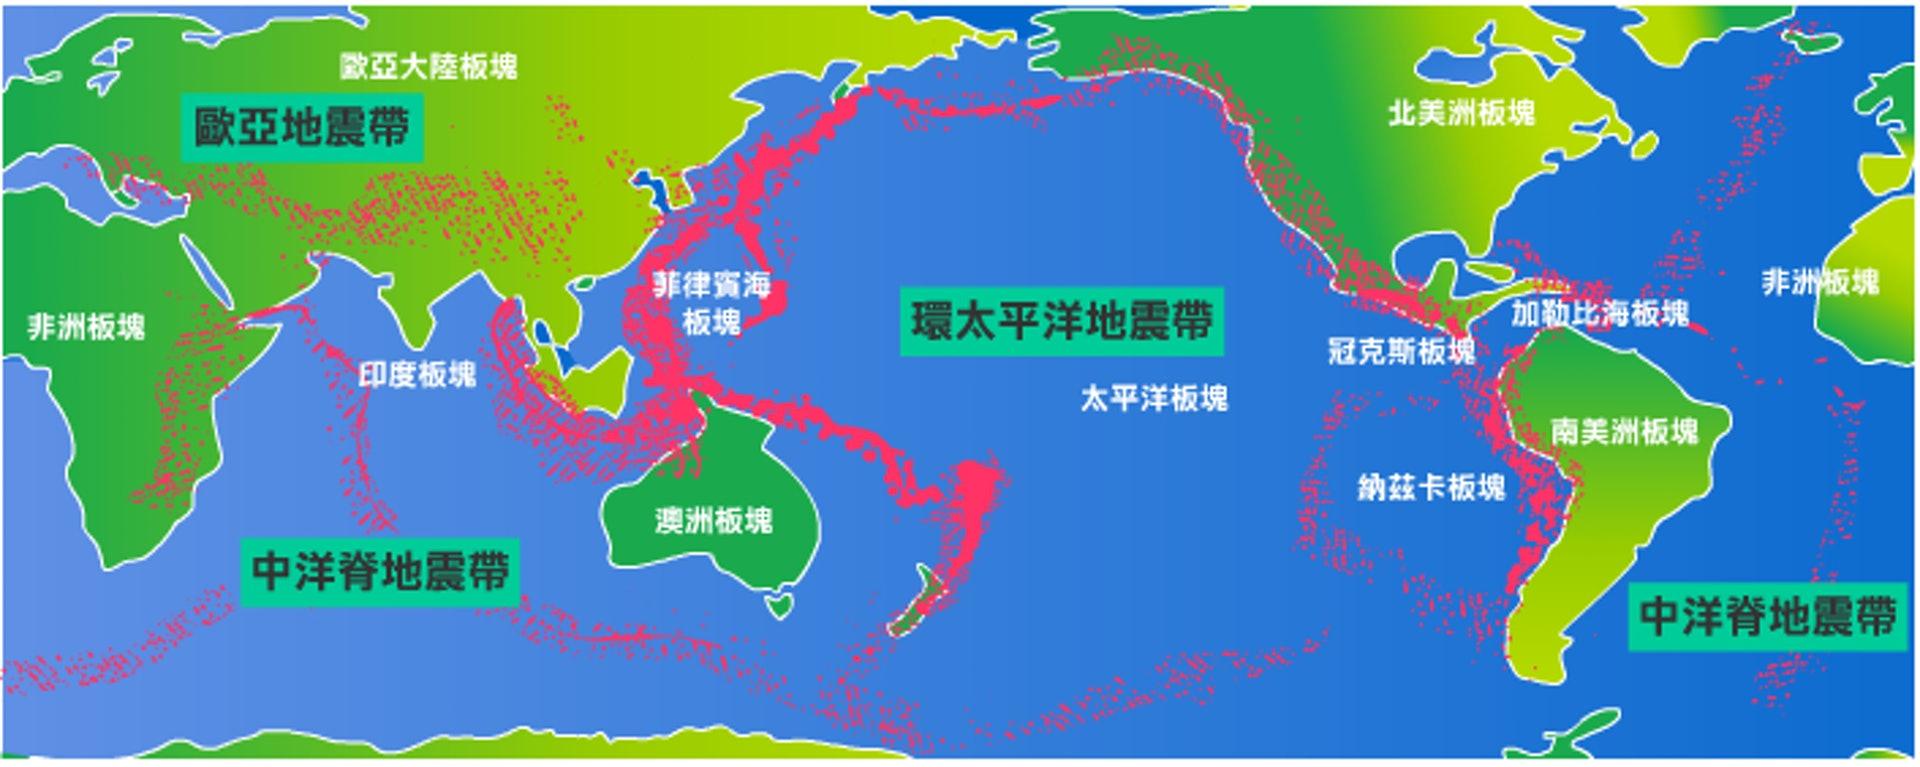 全球有多個地震帶,包括「惡名昭彰」的環太平洋地震帶,俗稱「火環」。(台灣中央氣象局網站)